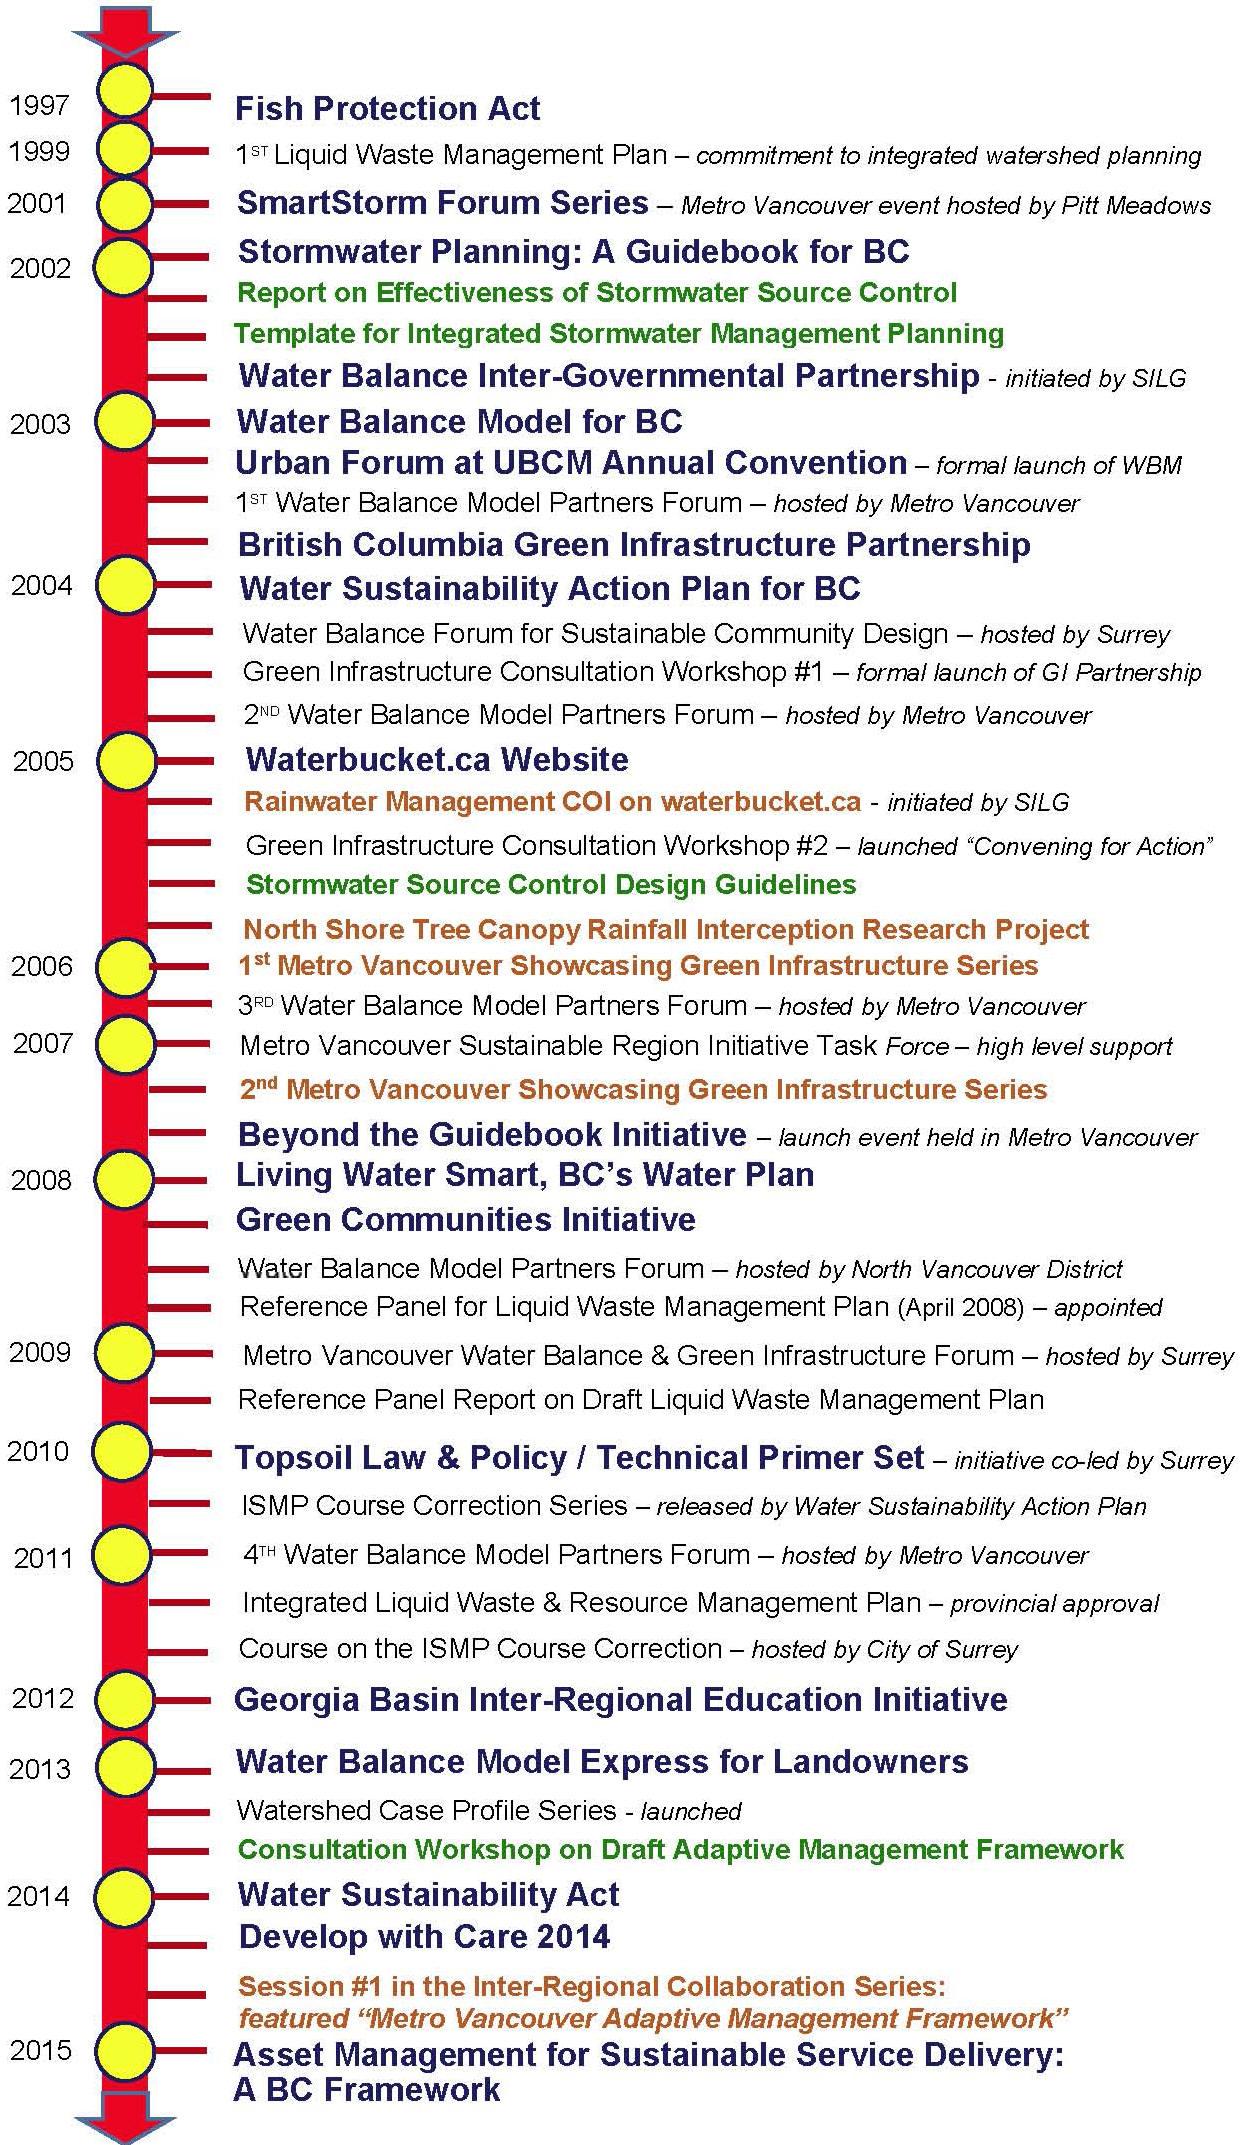 BYGB2015_Timeline_Metro Van_Aug2015_rev2